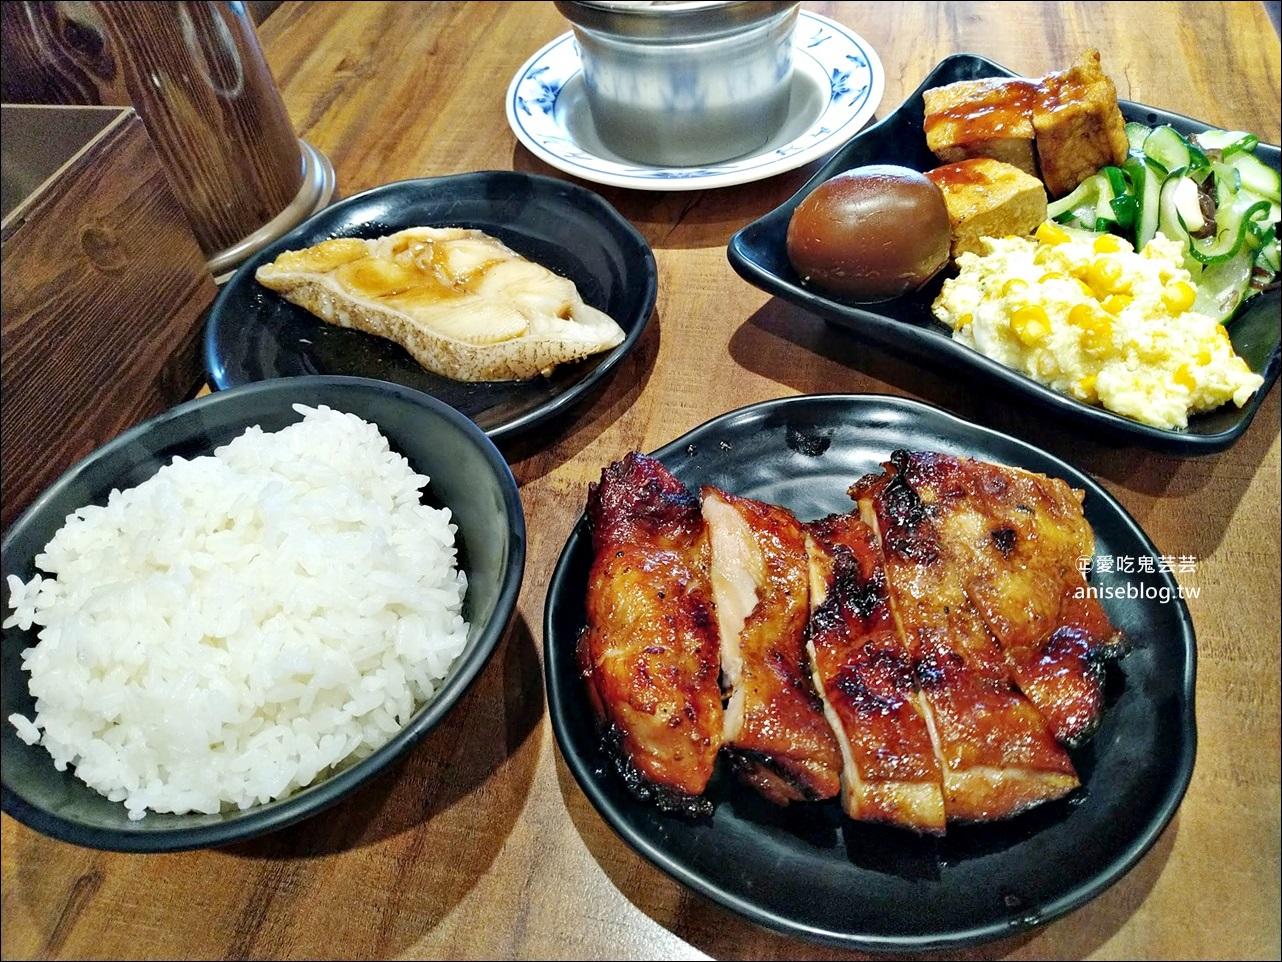 金窗手造便當,蜜汁烤雞腿、冰島鱈魚、蛤蜊排骨湯,台北後車站美食(姊姊食記)